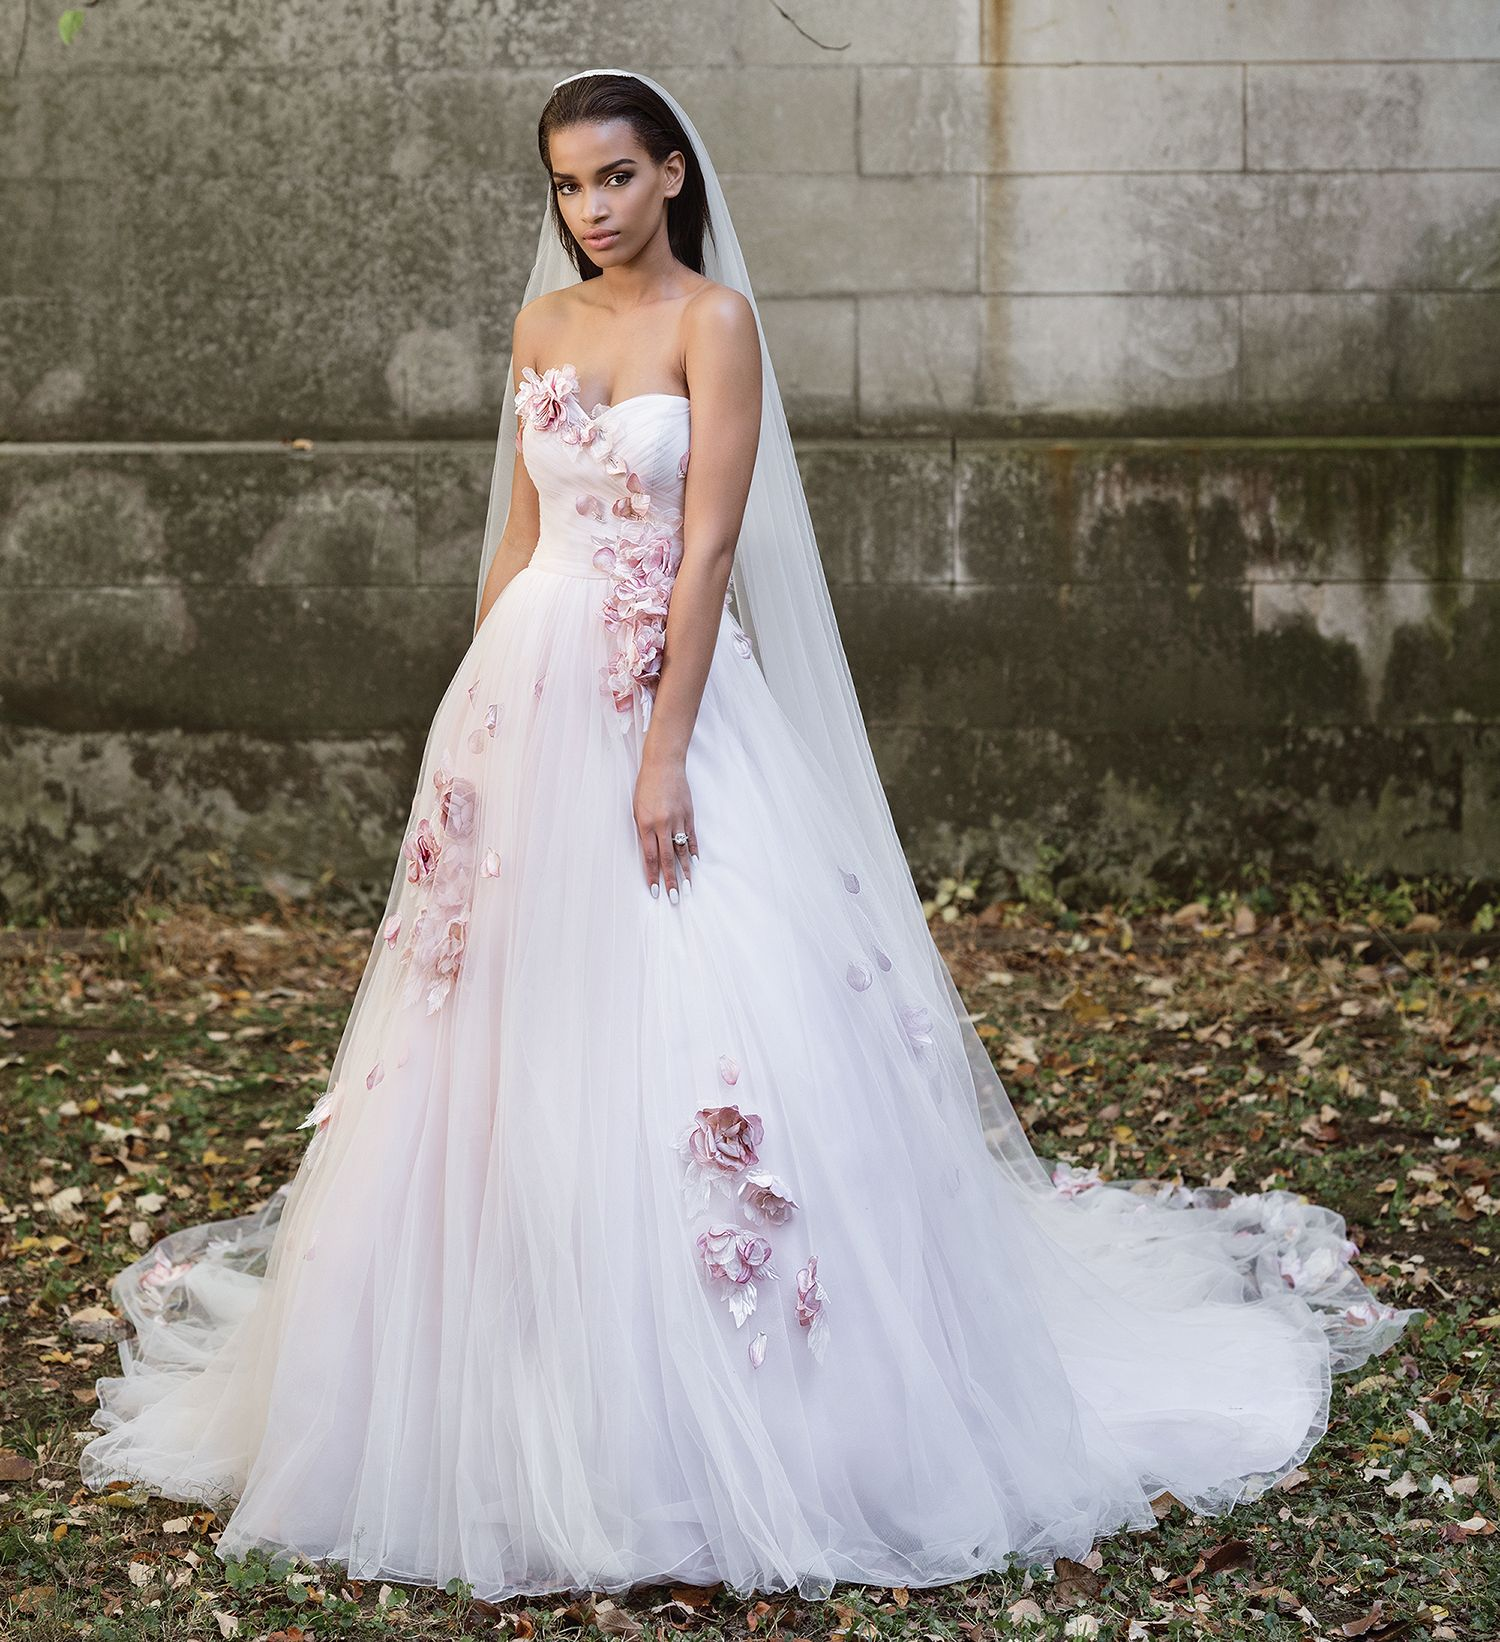 Robe mariage fleurs de soie justin alexander 9865 for Centre ville la mariage robes